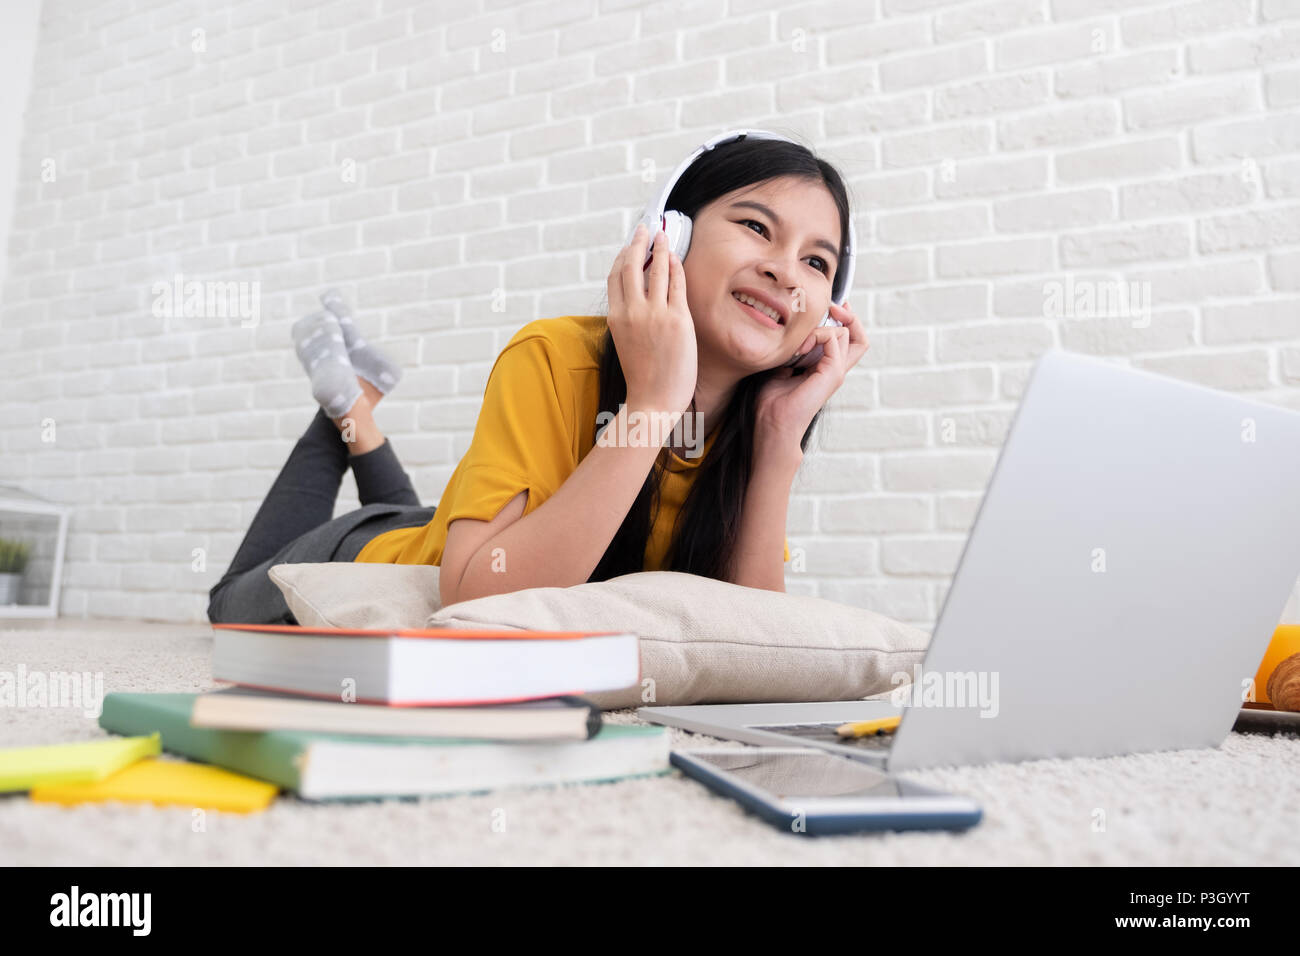 Femme d'origine asiatique d'écouter de la musique et utiliser un ordinateur portable pour travailler à la maison.femme se coucha sur tapis en mur de briques.en ligne de mode de travail Photo Stock